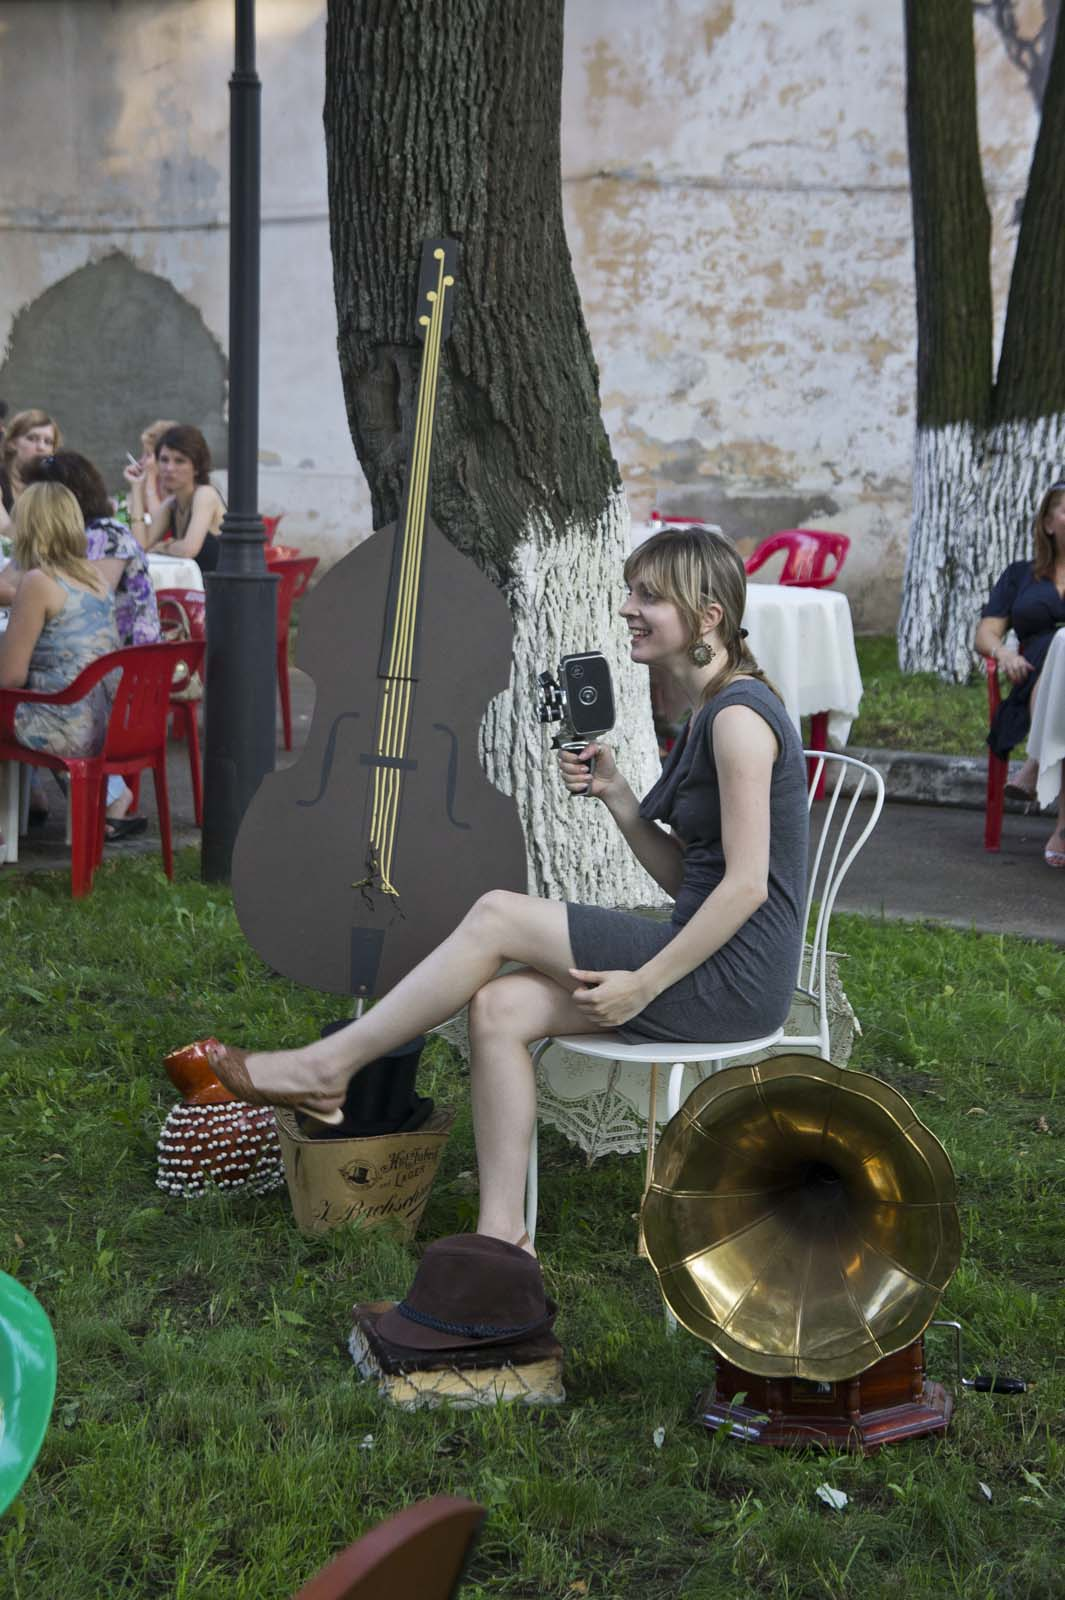 Фото №80299. На память о фестивале джазовой музыки